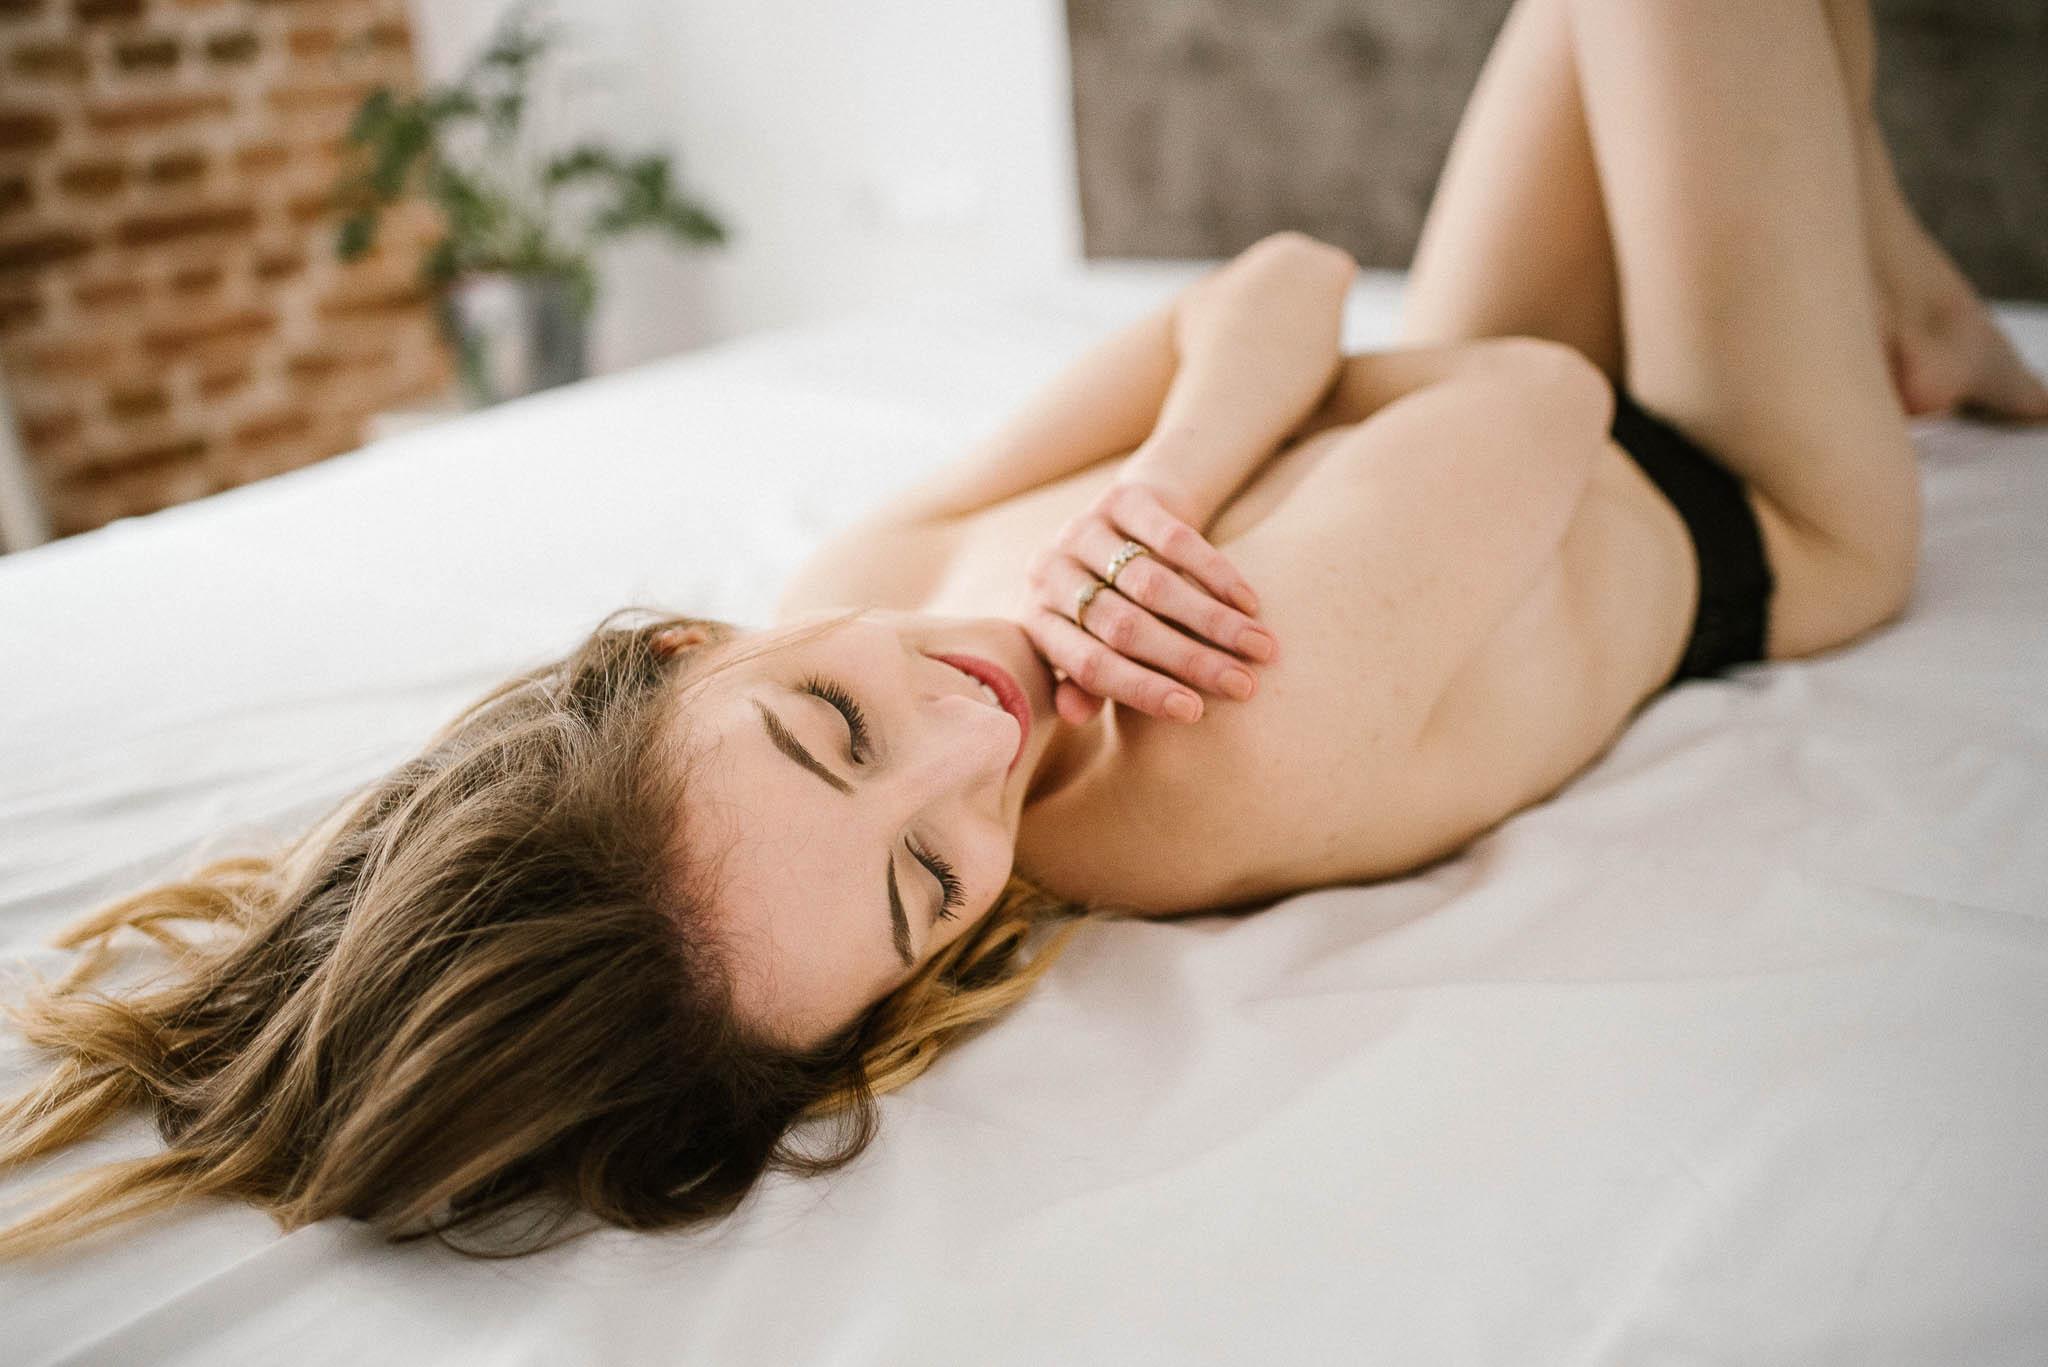 Kobieta w czarnej bieliźnie leży na łóżku - sesja kobieca w apartamencie w Poznaniu